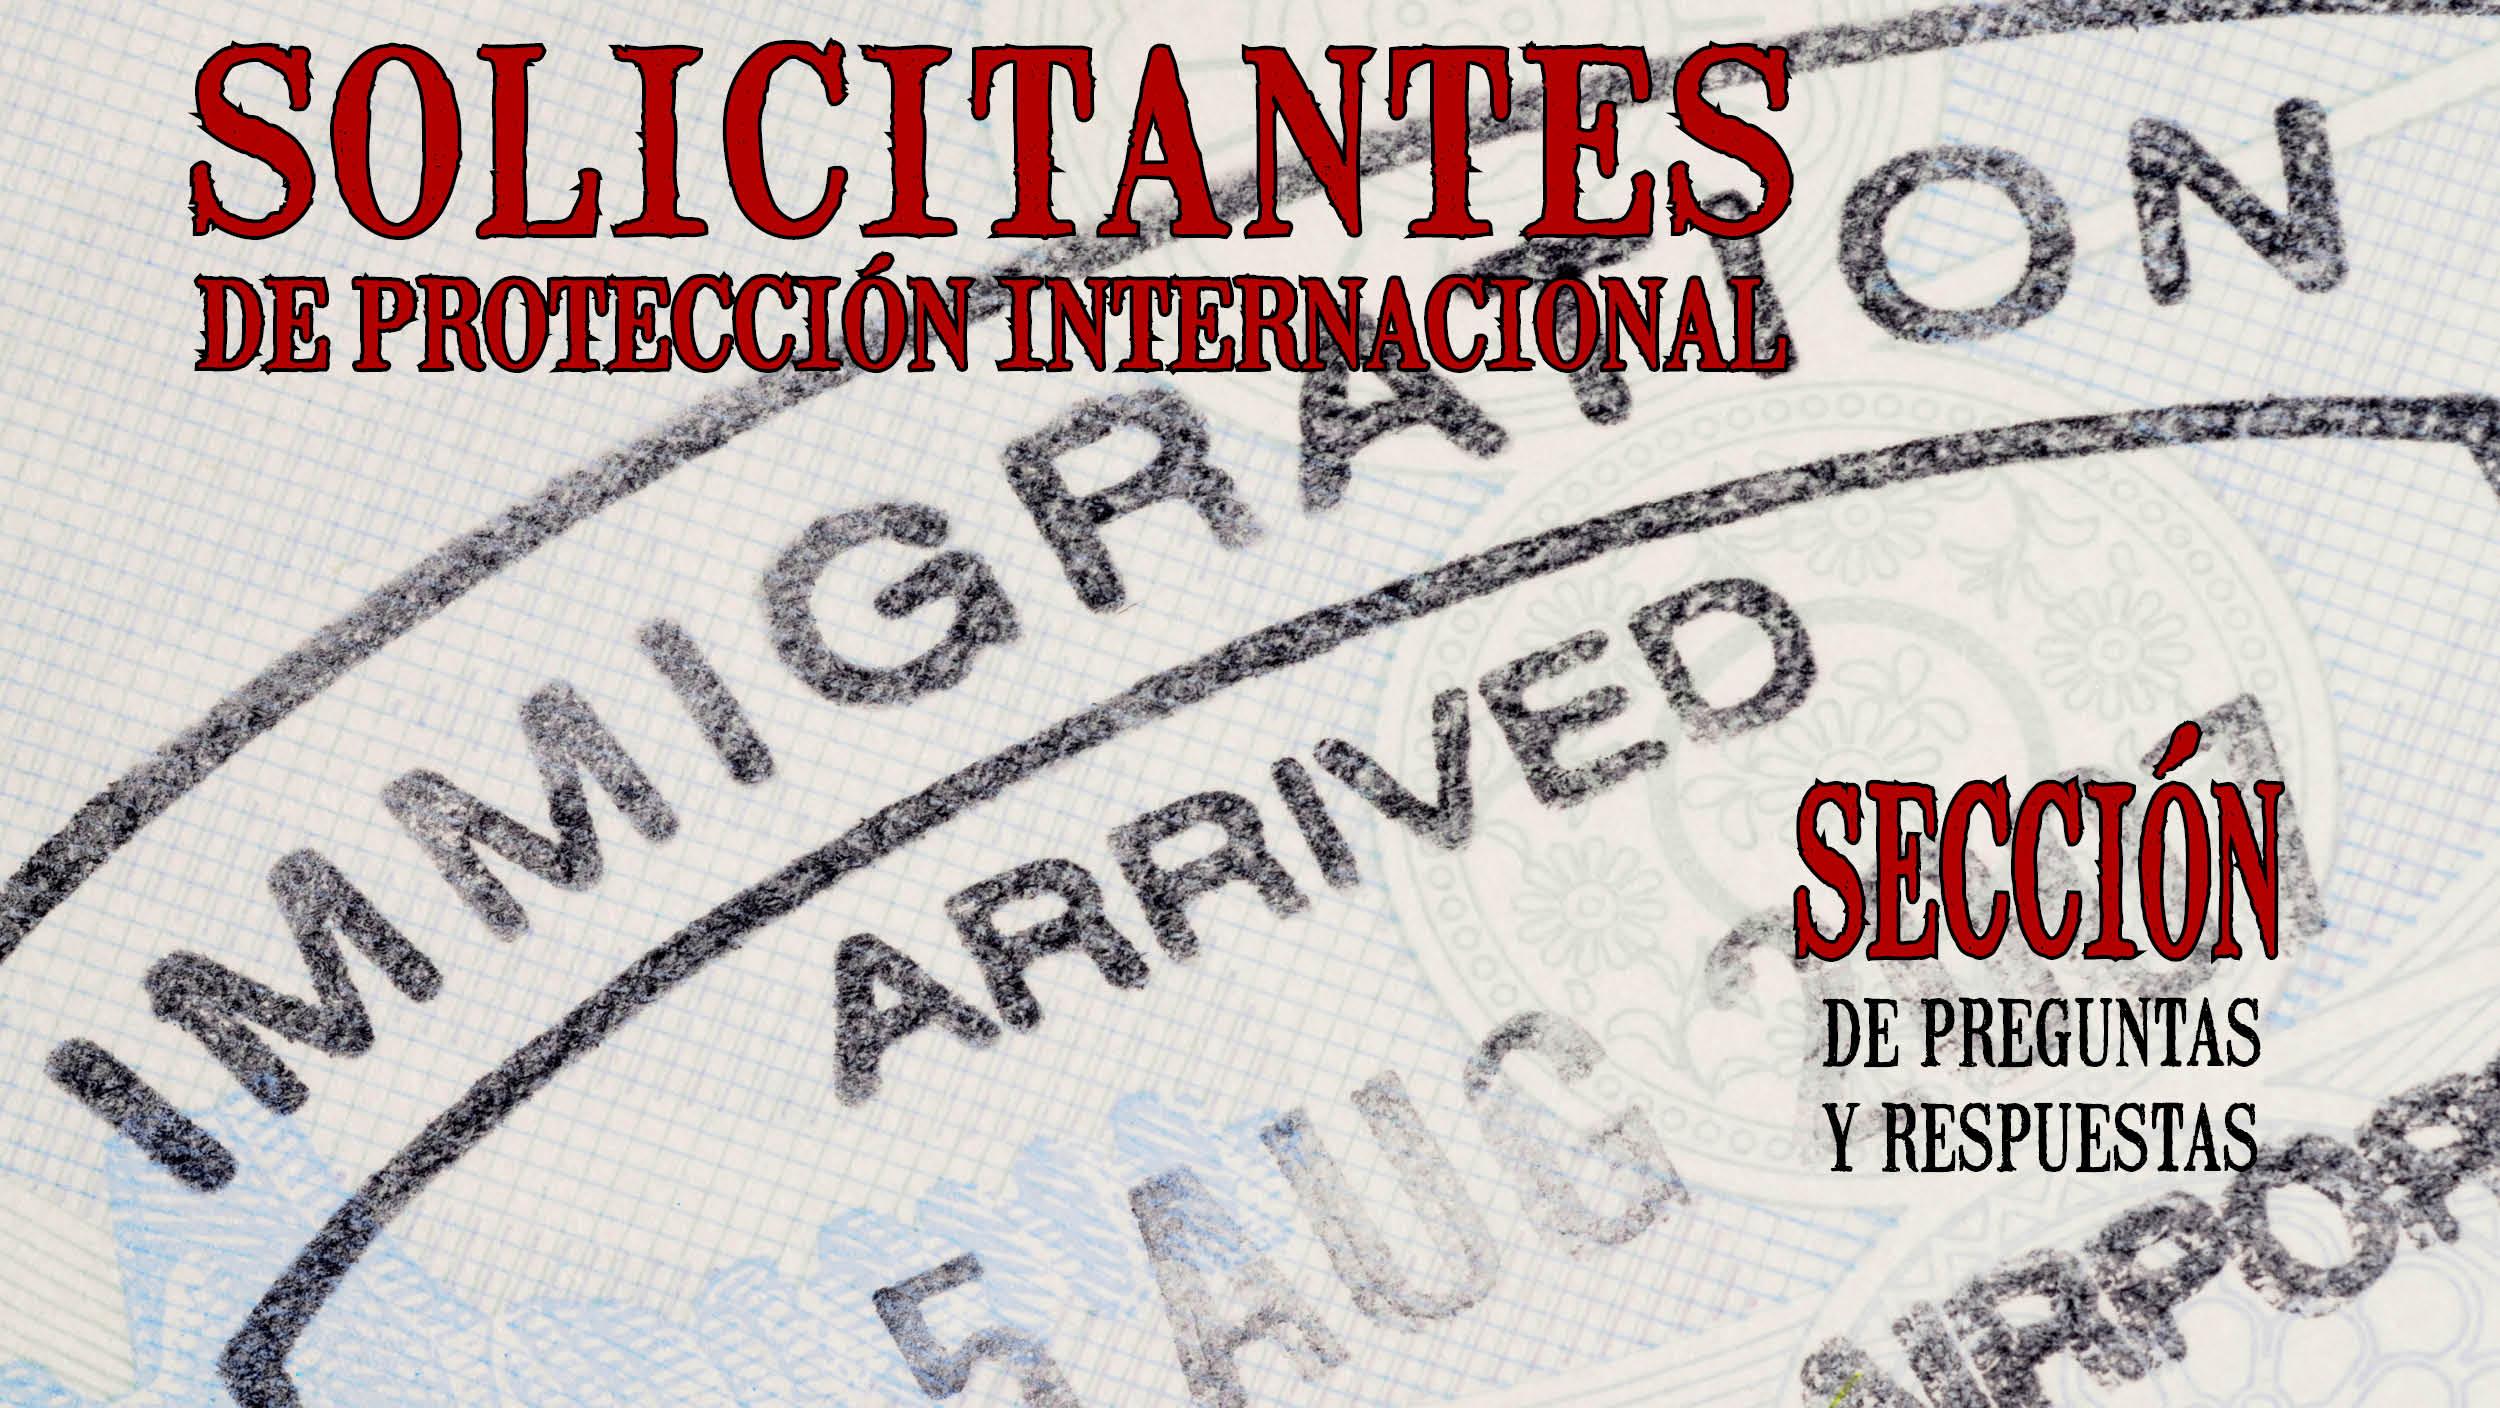 SOLICITANTES DE PROTECCIÓN INTERNACIONAL Sección de preguntas y respuestas